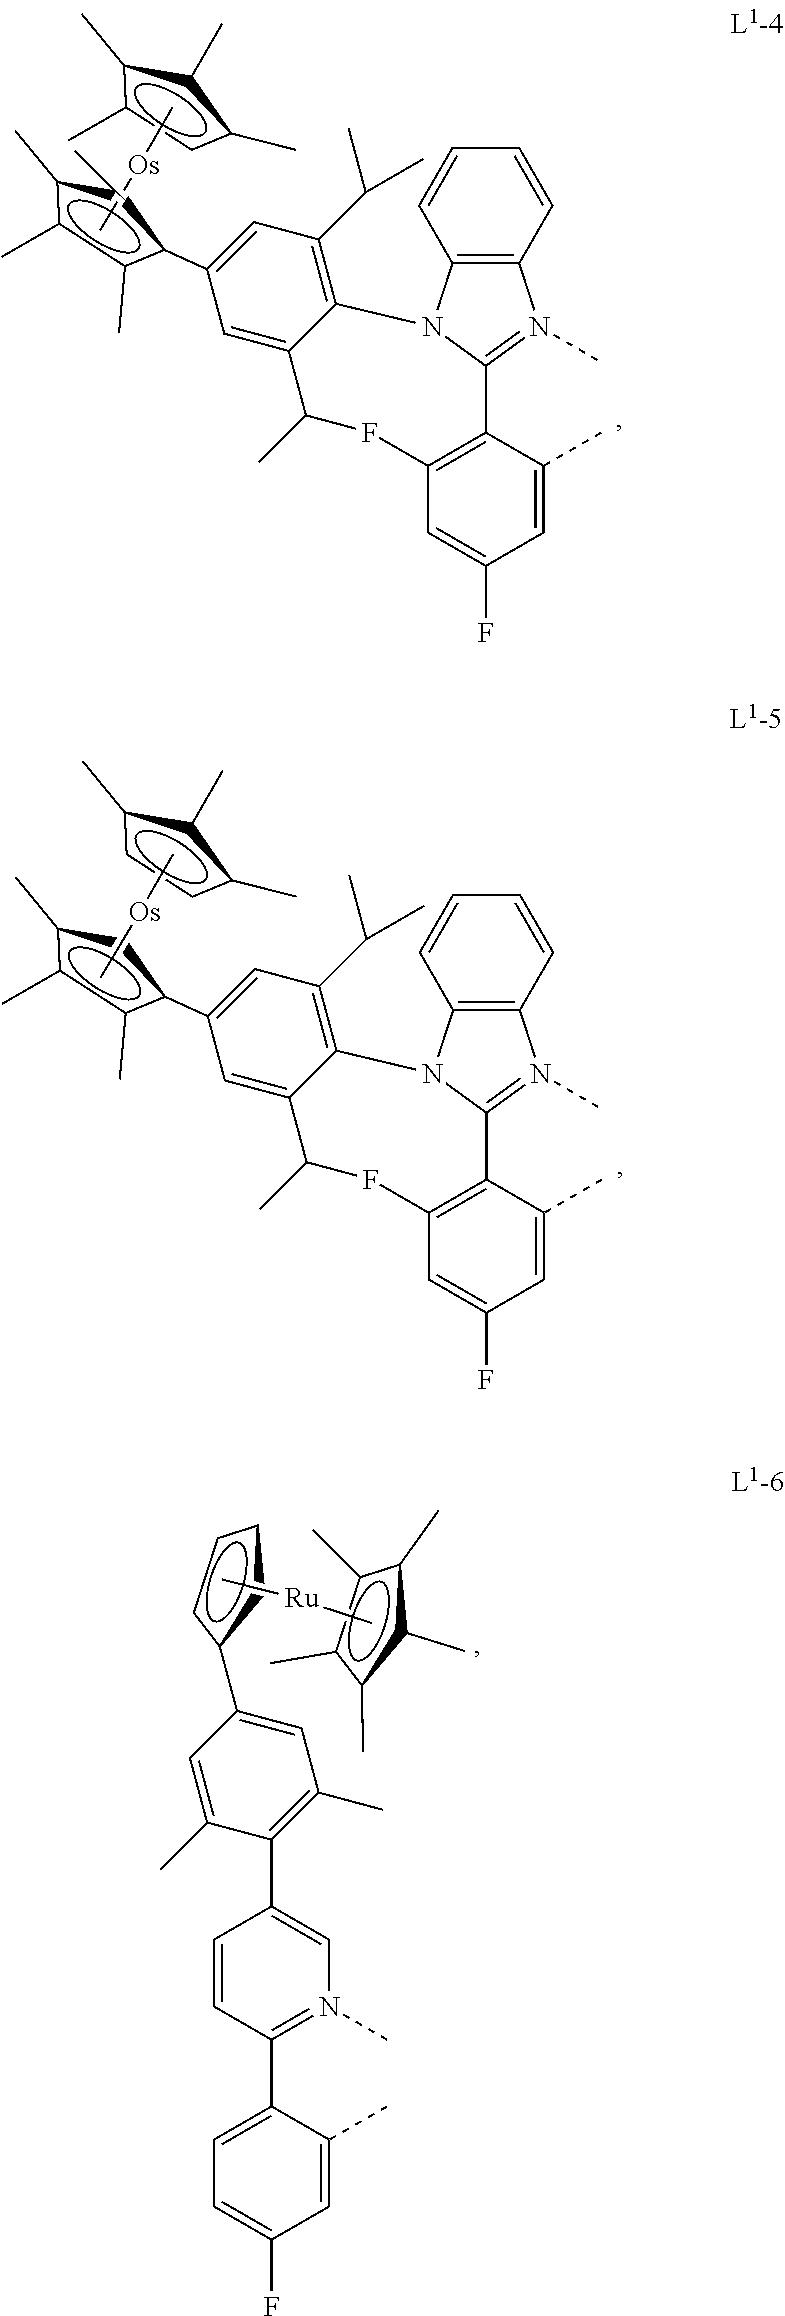 Figure US09450195-20160920-C00012